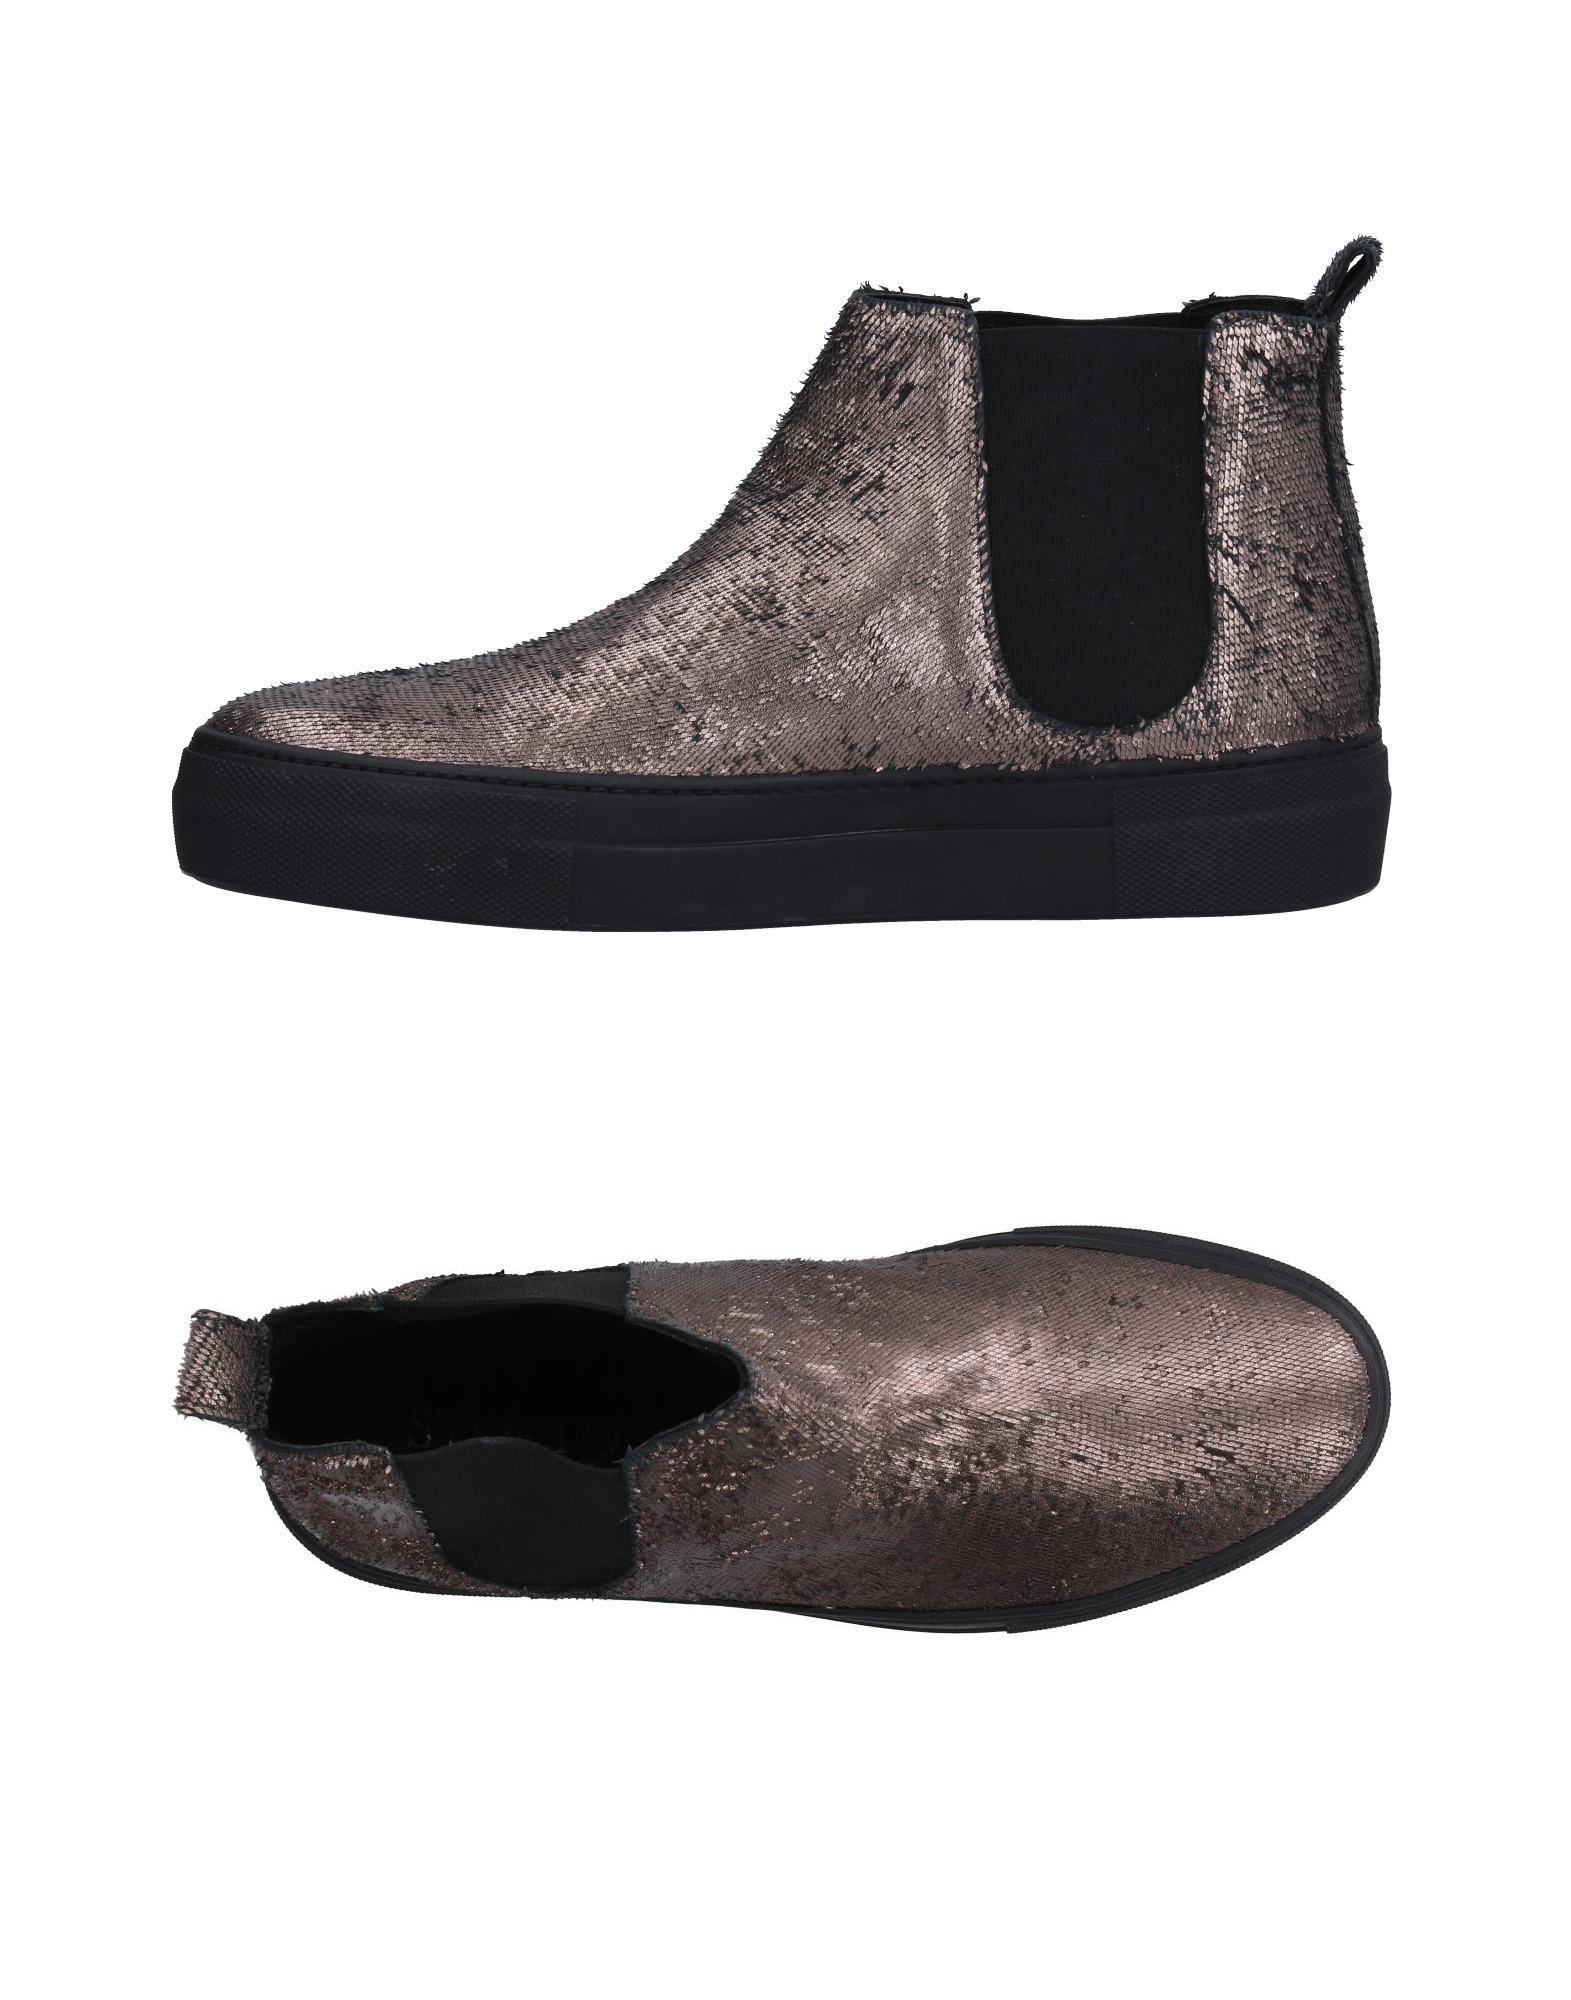 Stokton Sneakers Damen Gutes Preis-Leistungs-Verhältnis, Preis-Leistungs-Verhältnis, Preis-Leistungs-Verhältnis, es lohnt sich 7720 6363ca